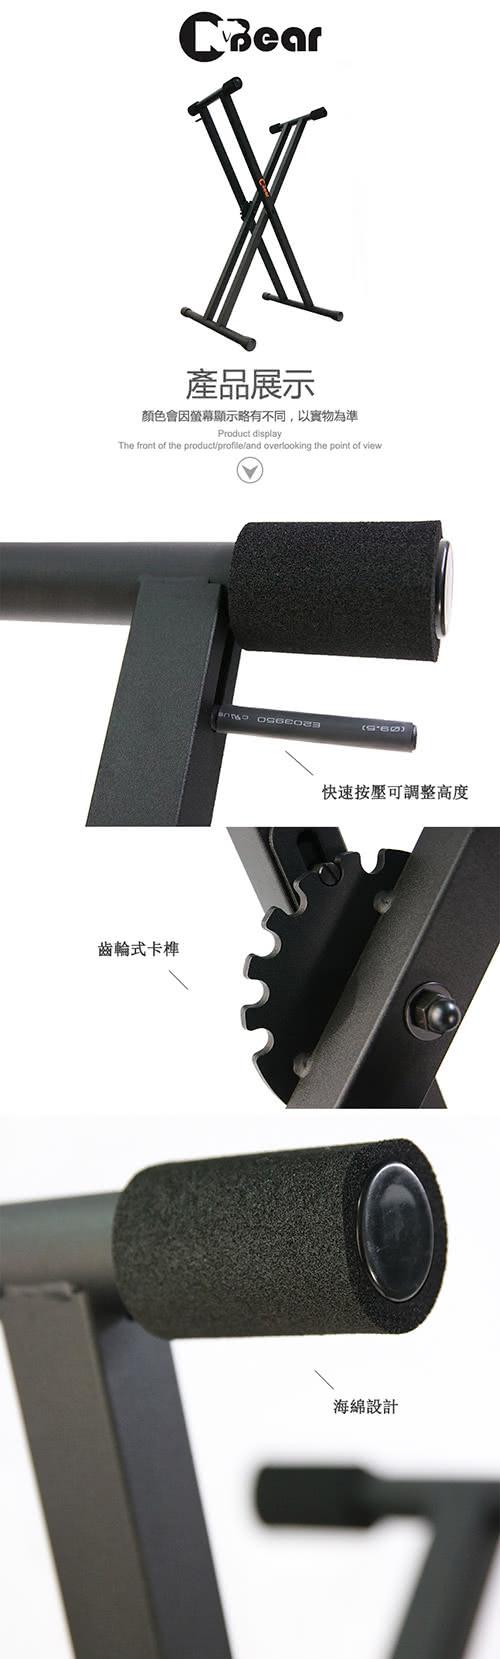 交叉式琴架